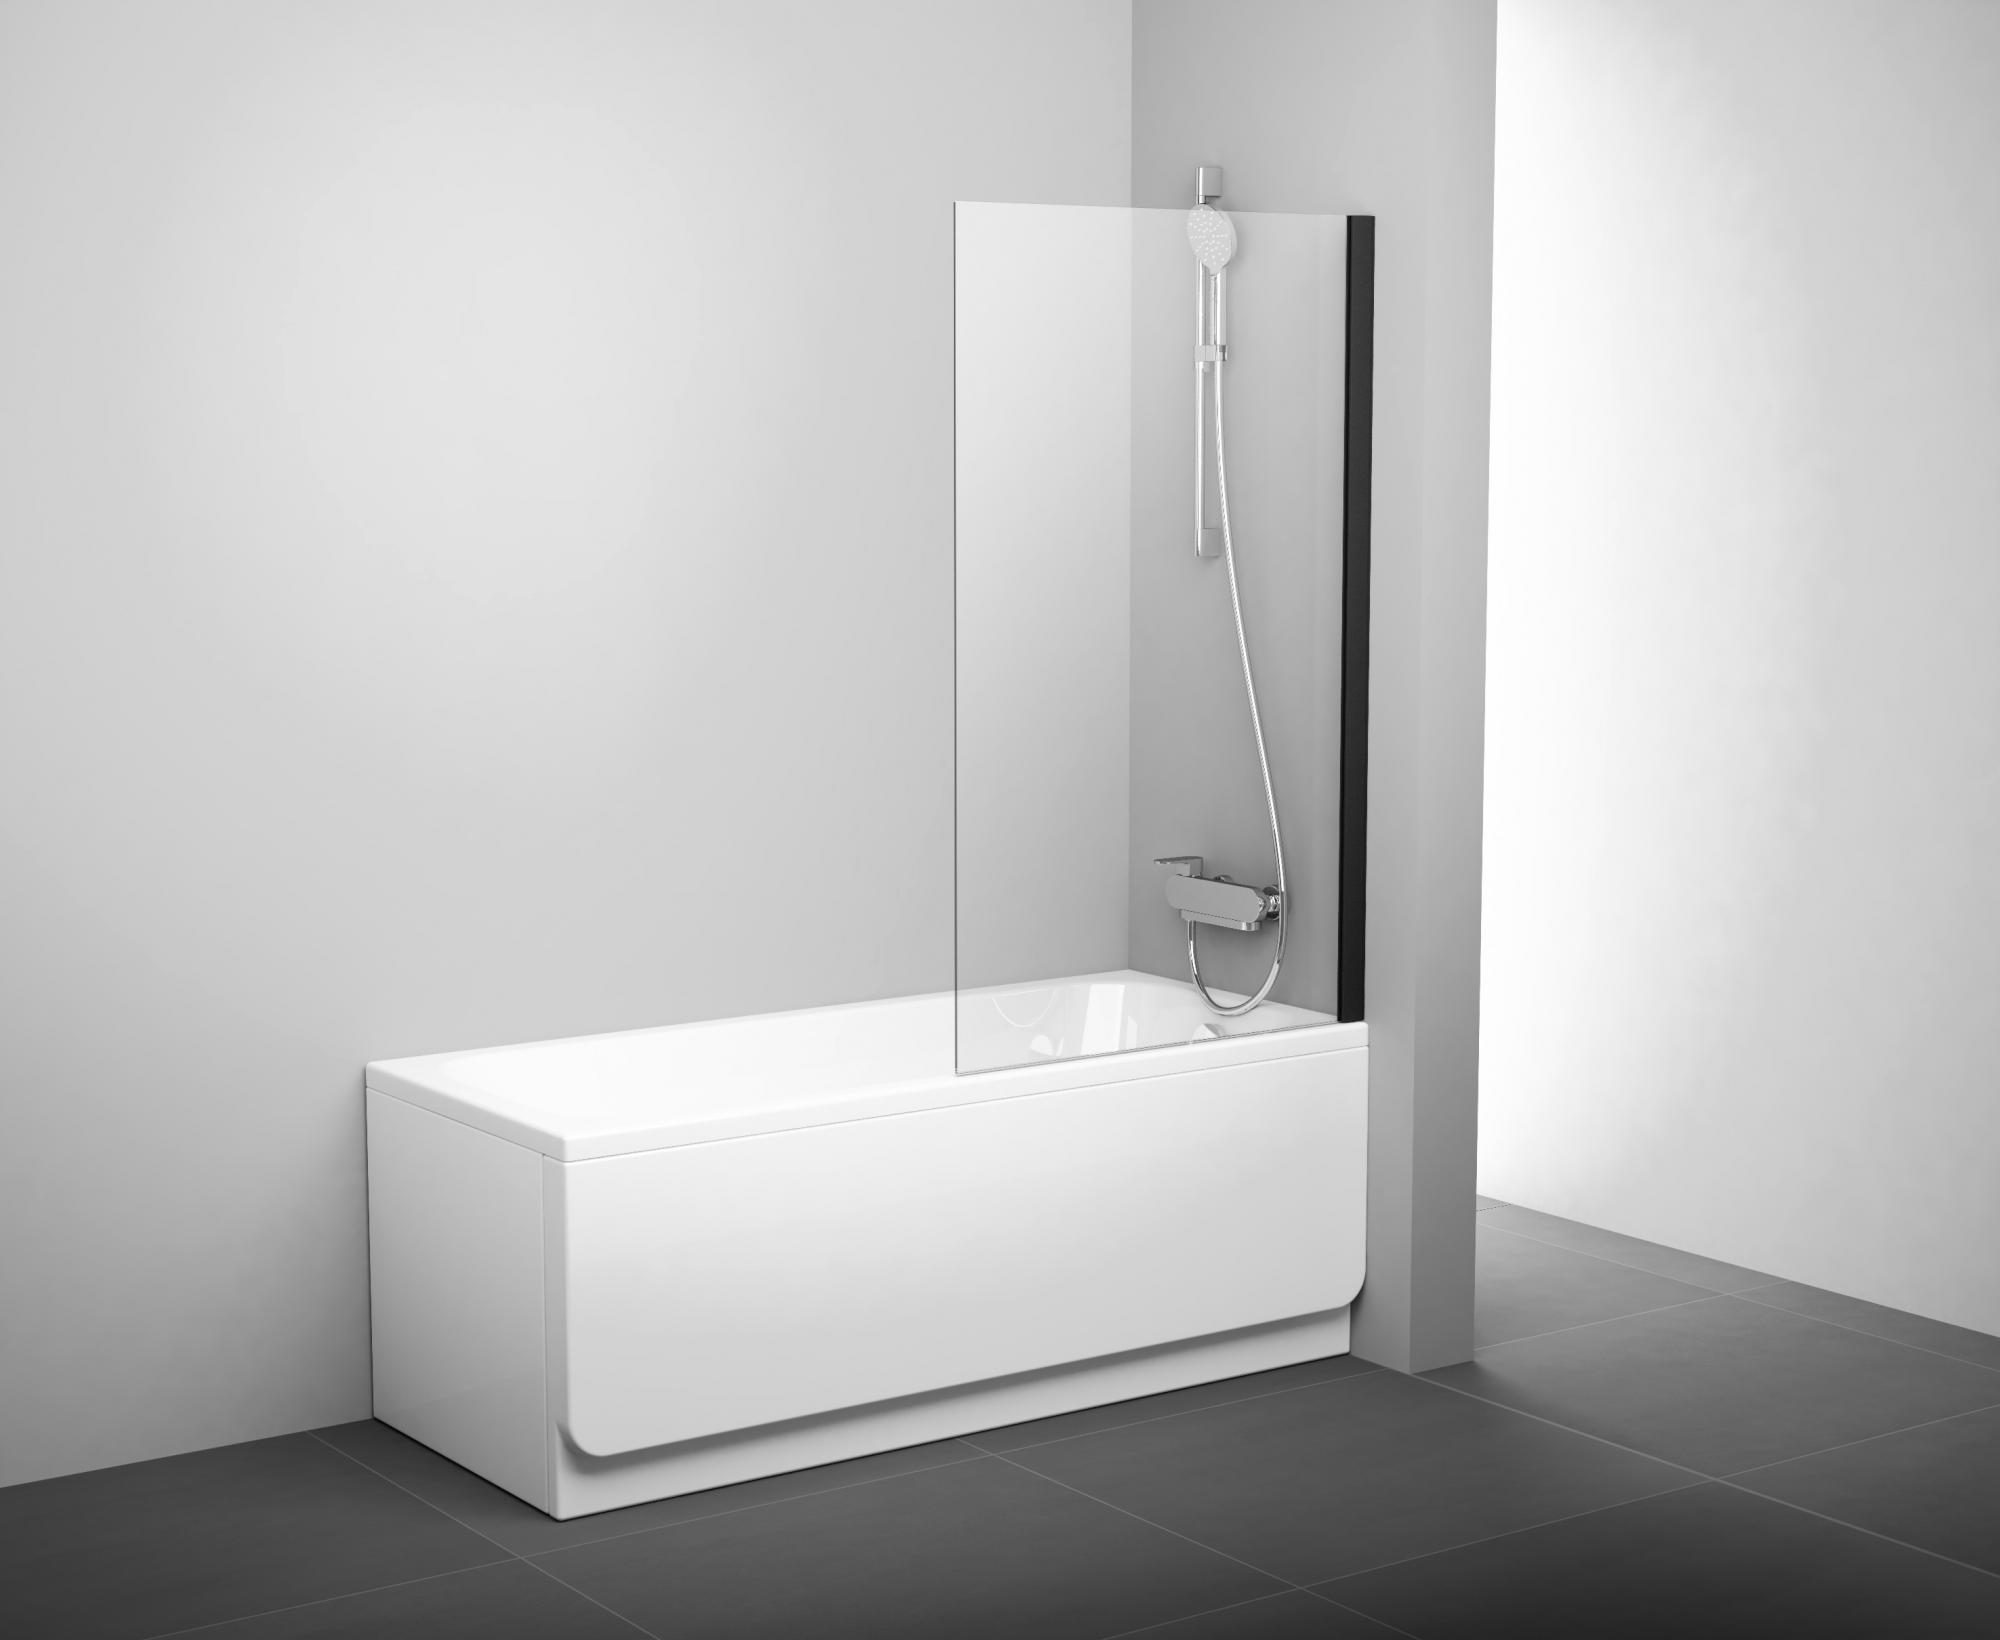 Стеклянные шторки для ванной — все «за» и «против» - Отделка